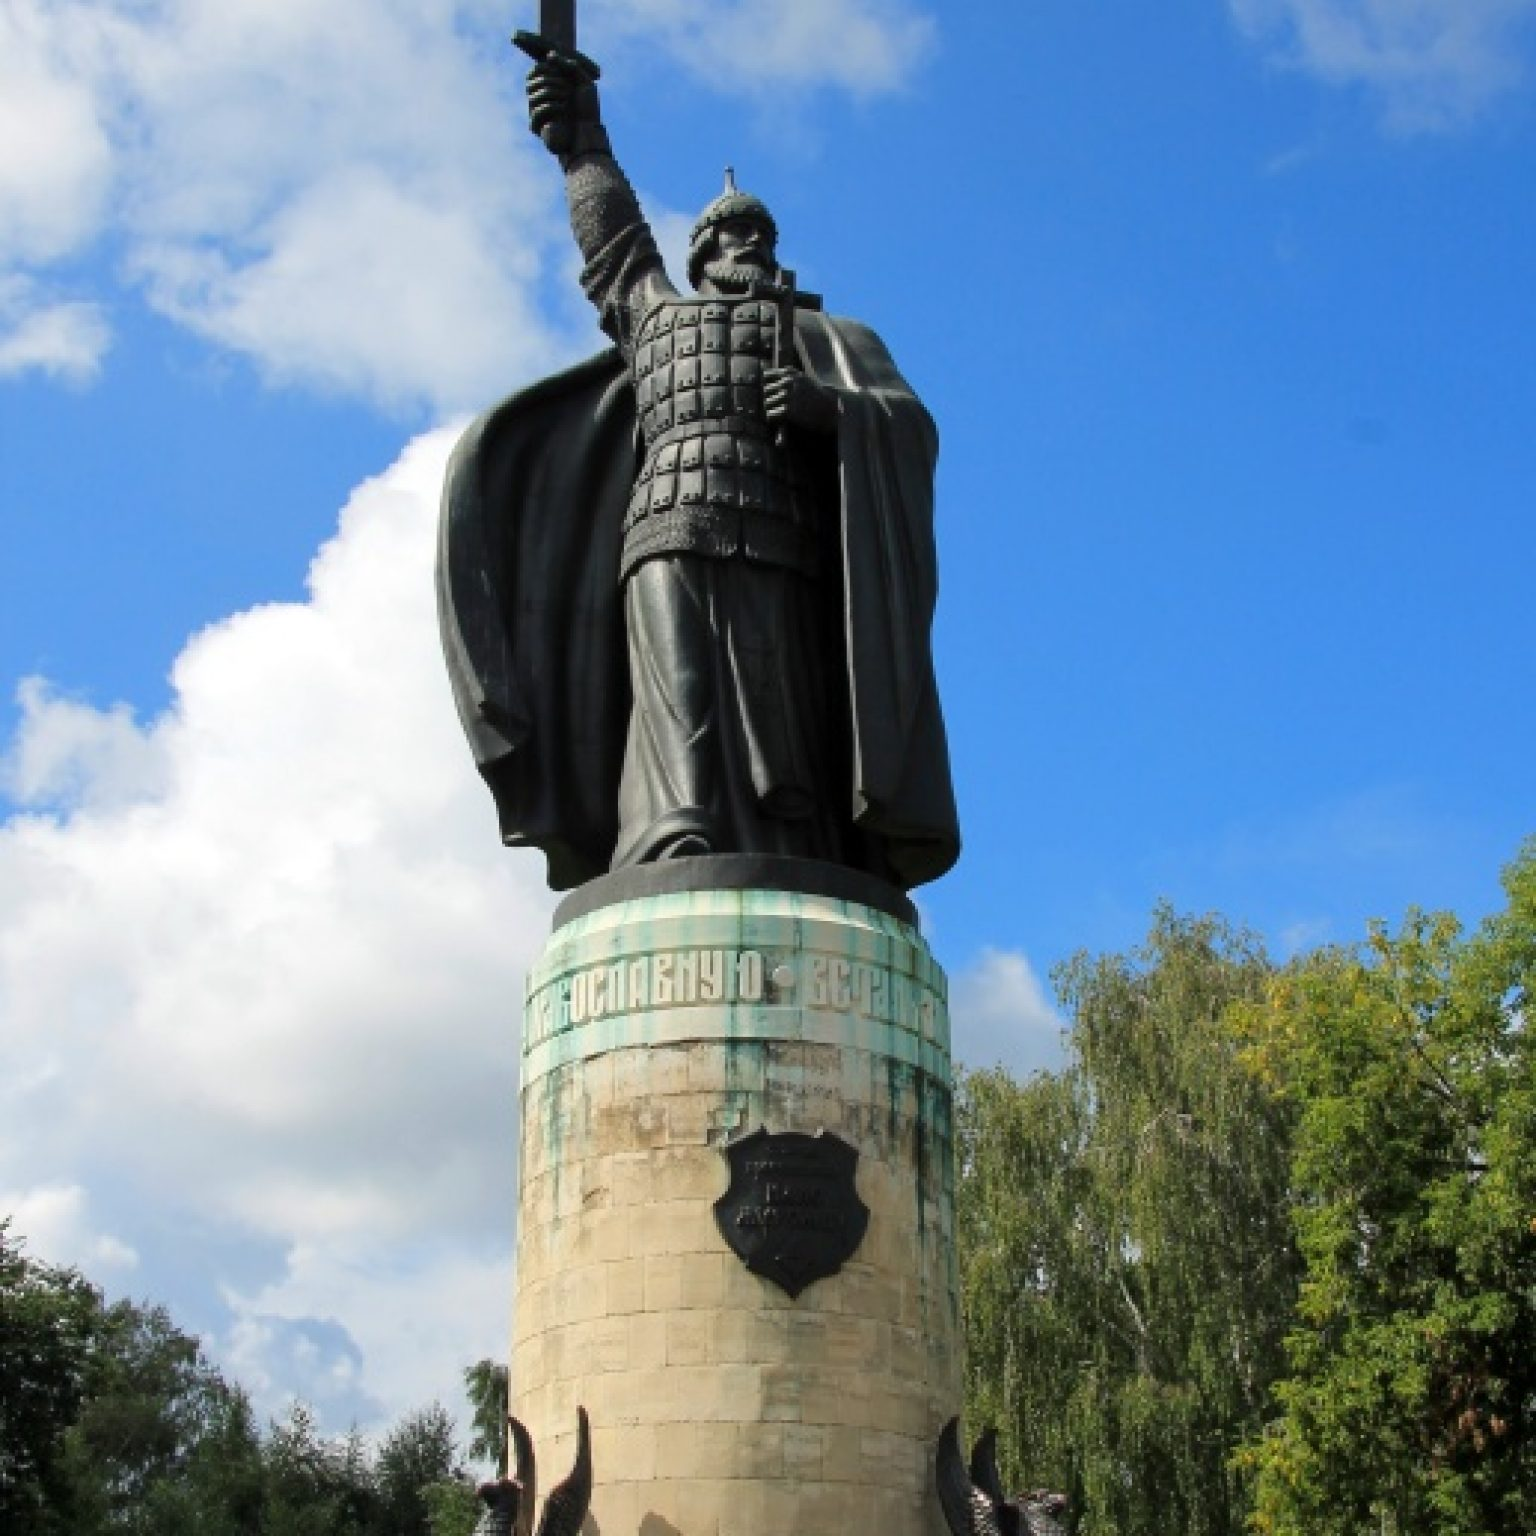 Достопримечательности Мурома: памятник Илье Муромцу